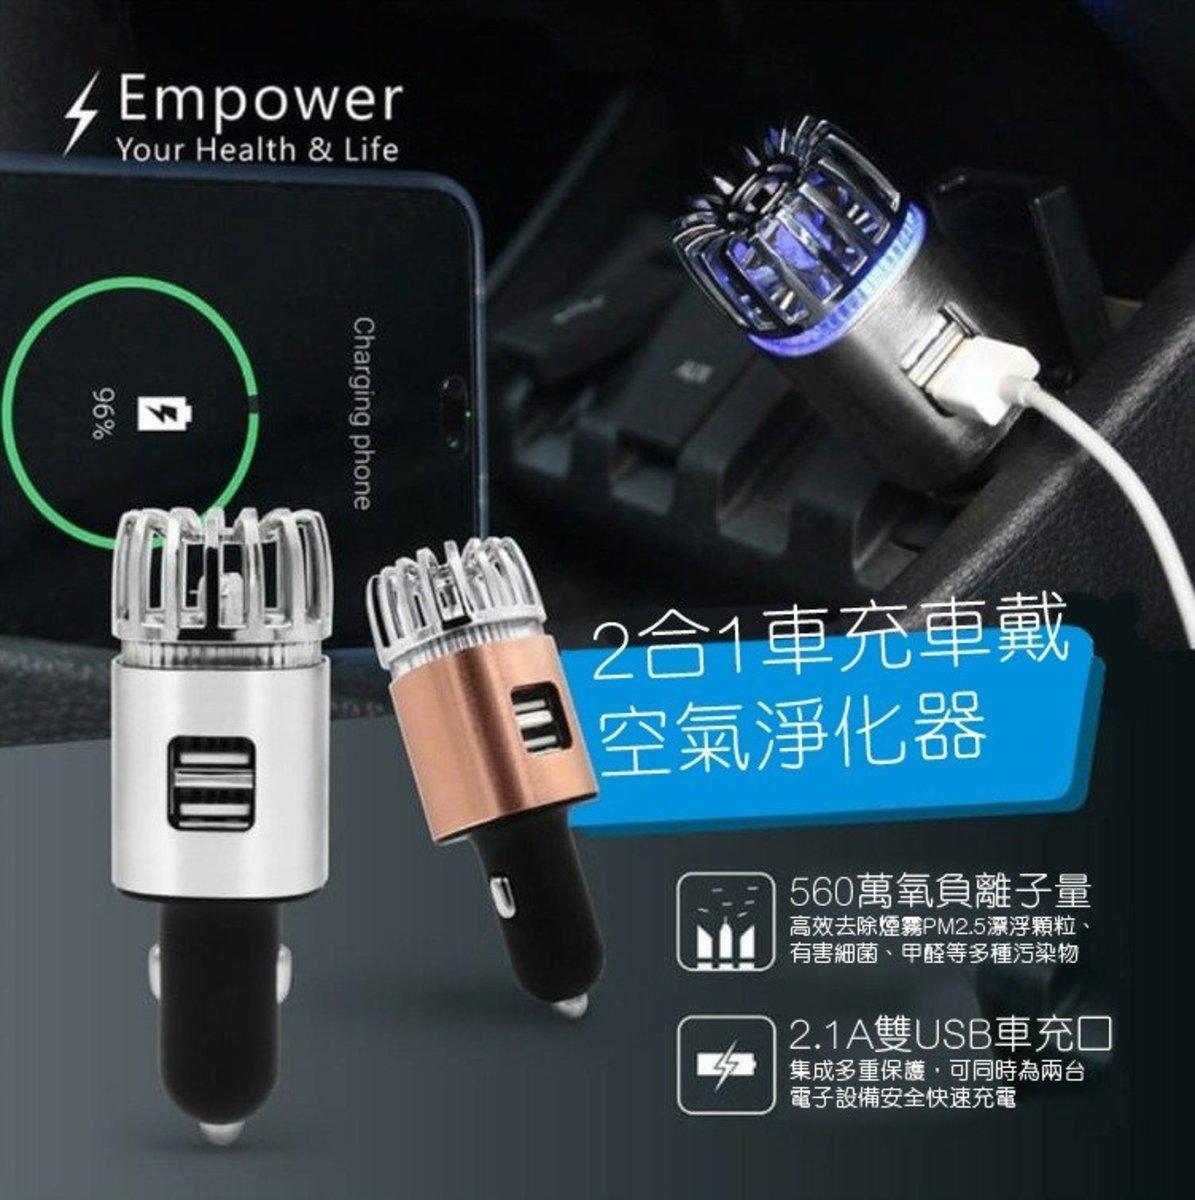 (第九代)2 in 1 Car Air Purifier 汽車負離子車載空氣淨化器(Silver)